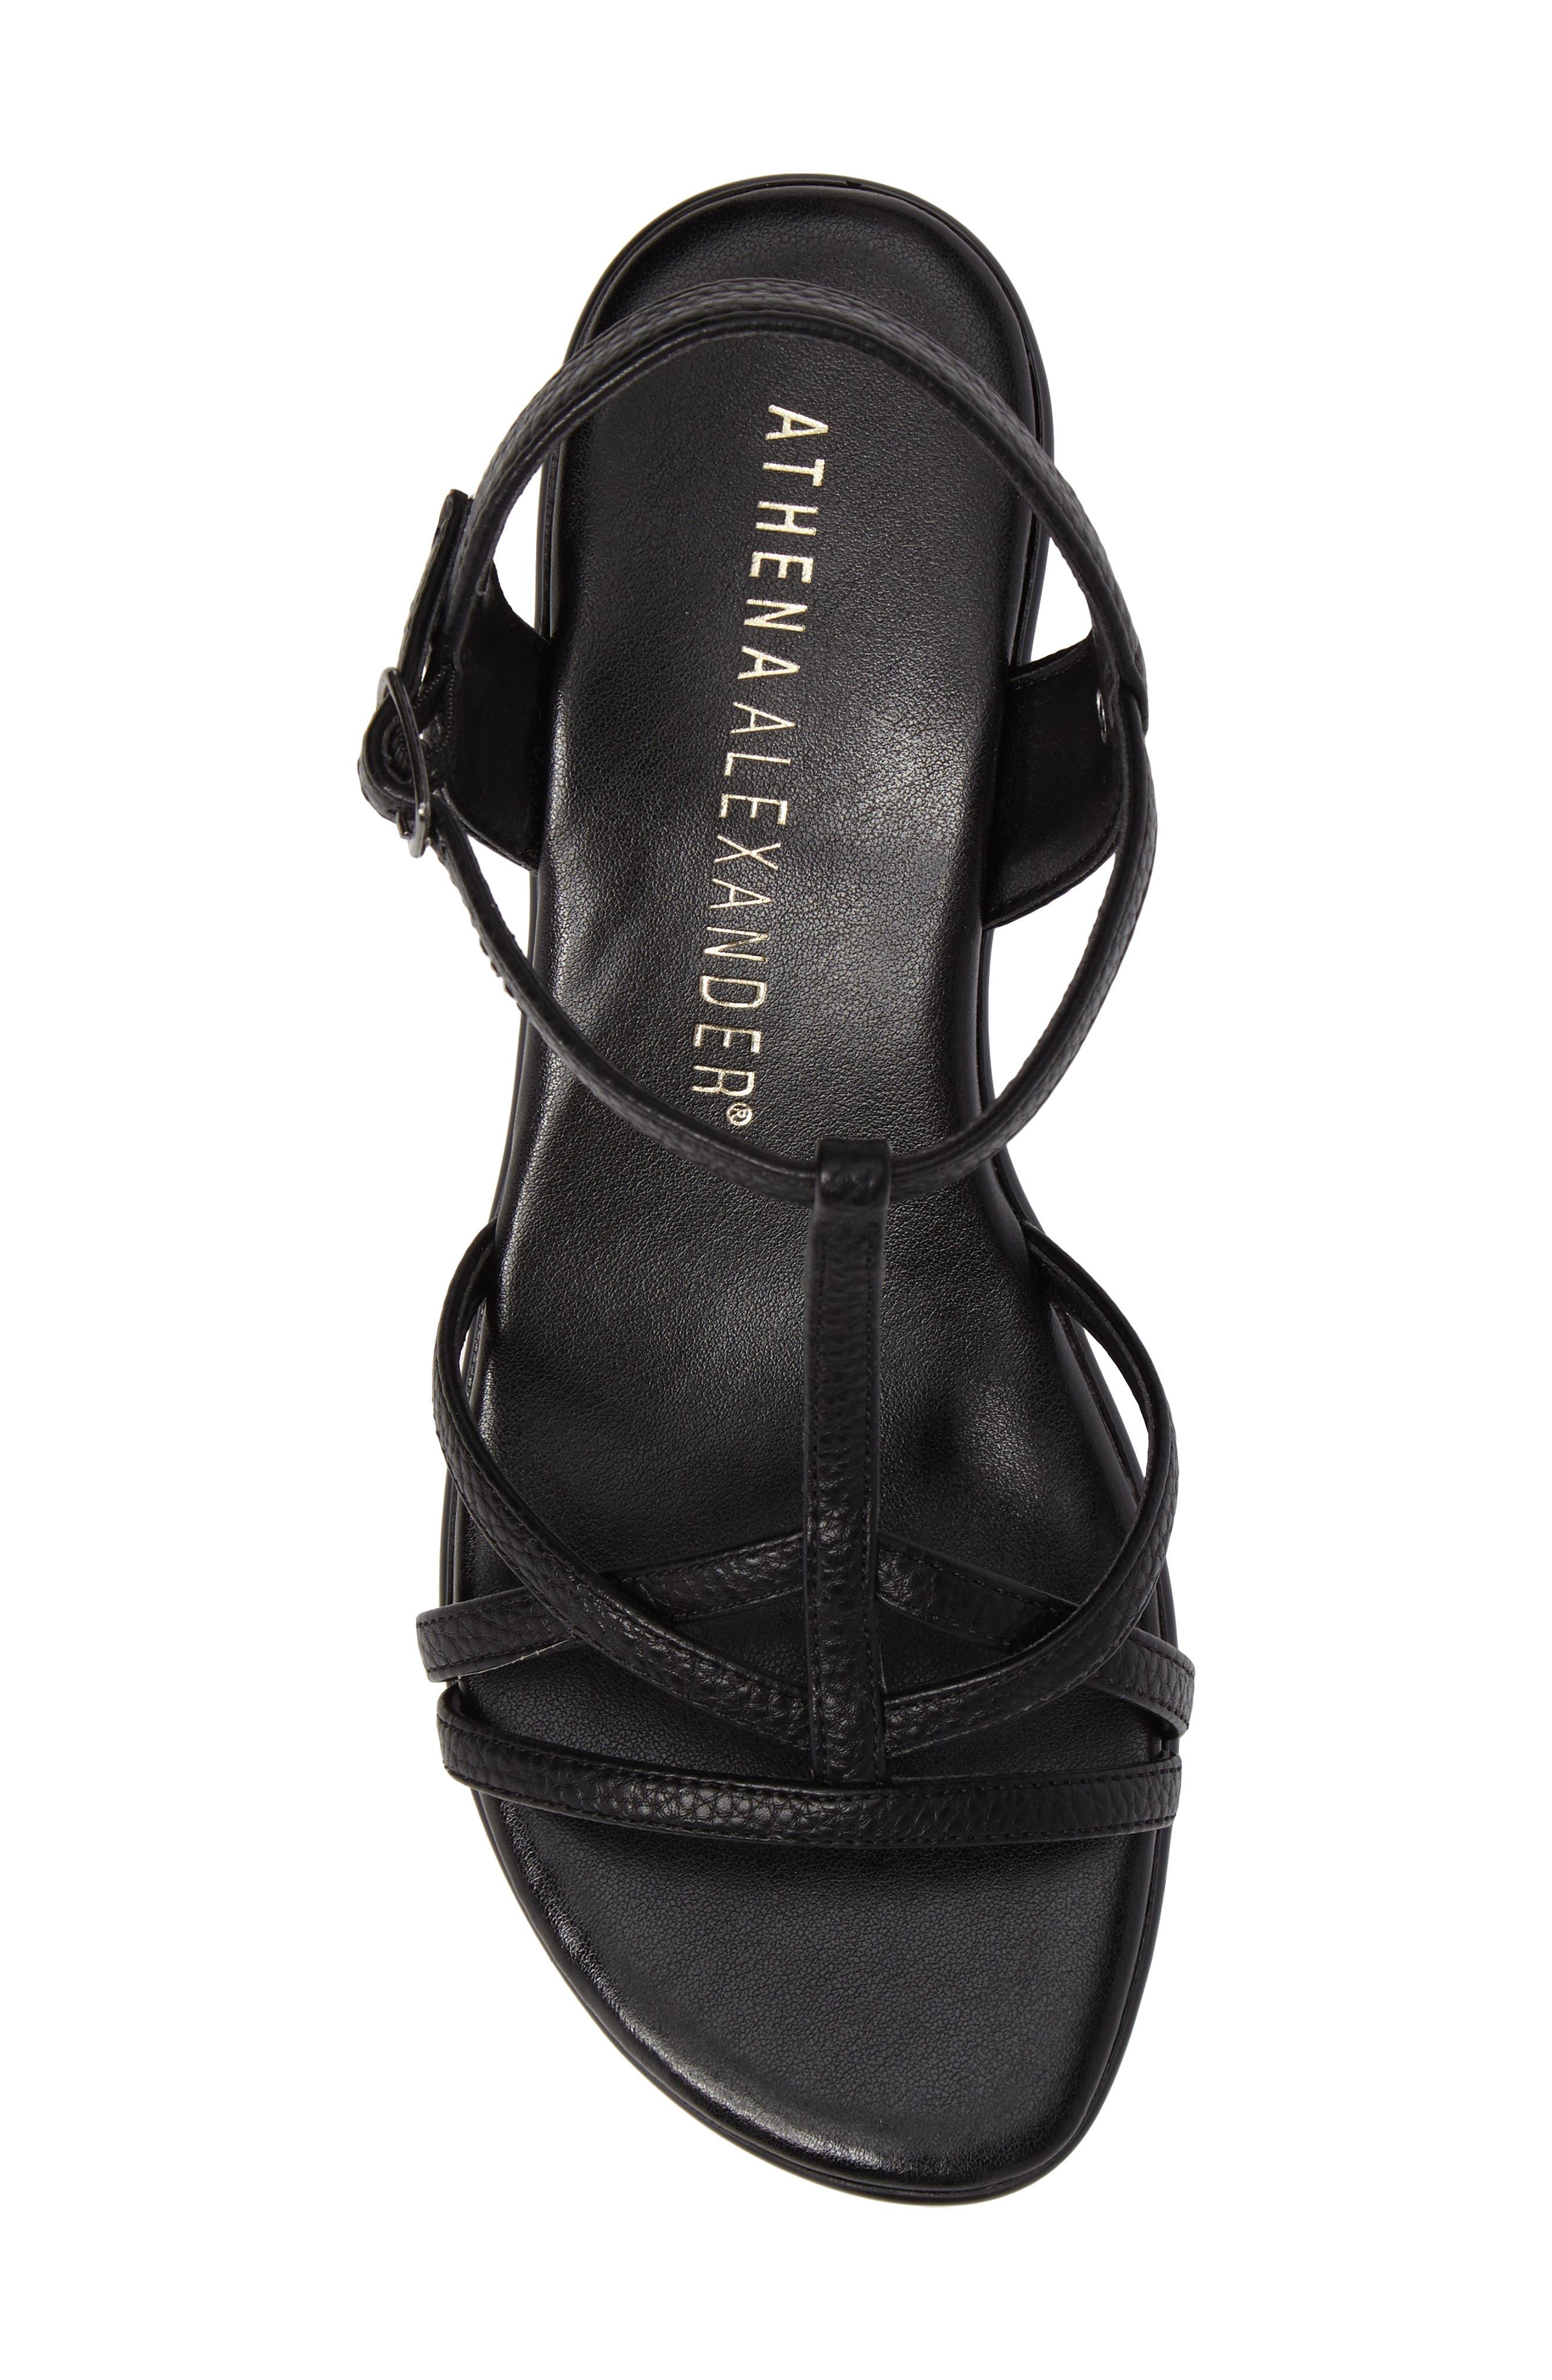 Cassort T-Strap Sandal,                             Alternate thumbnail 5, color,                             Black Faux Leather